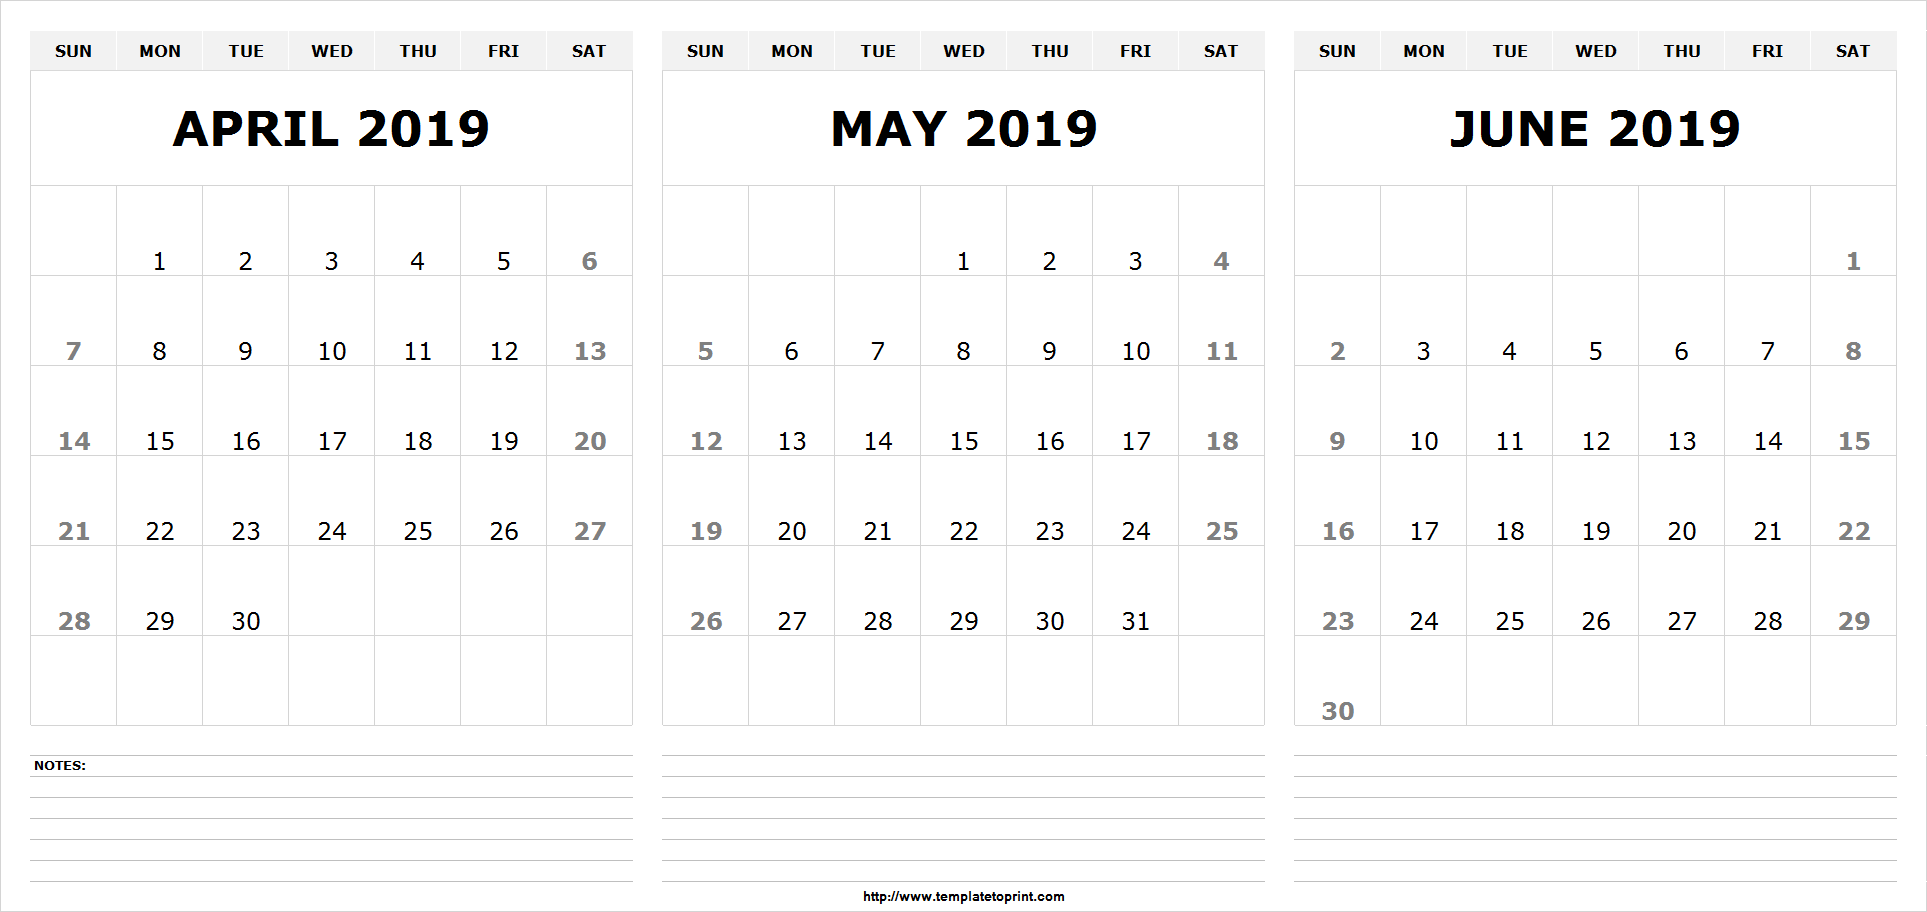 April May June 2019 Calendar Template April May June 2019calendar Calendar For April June 2019 Calendar June Calendar Printable